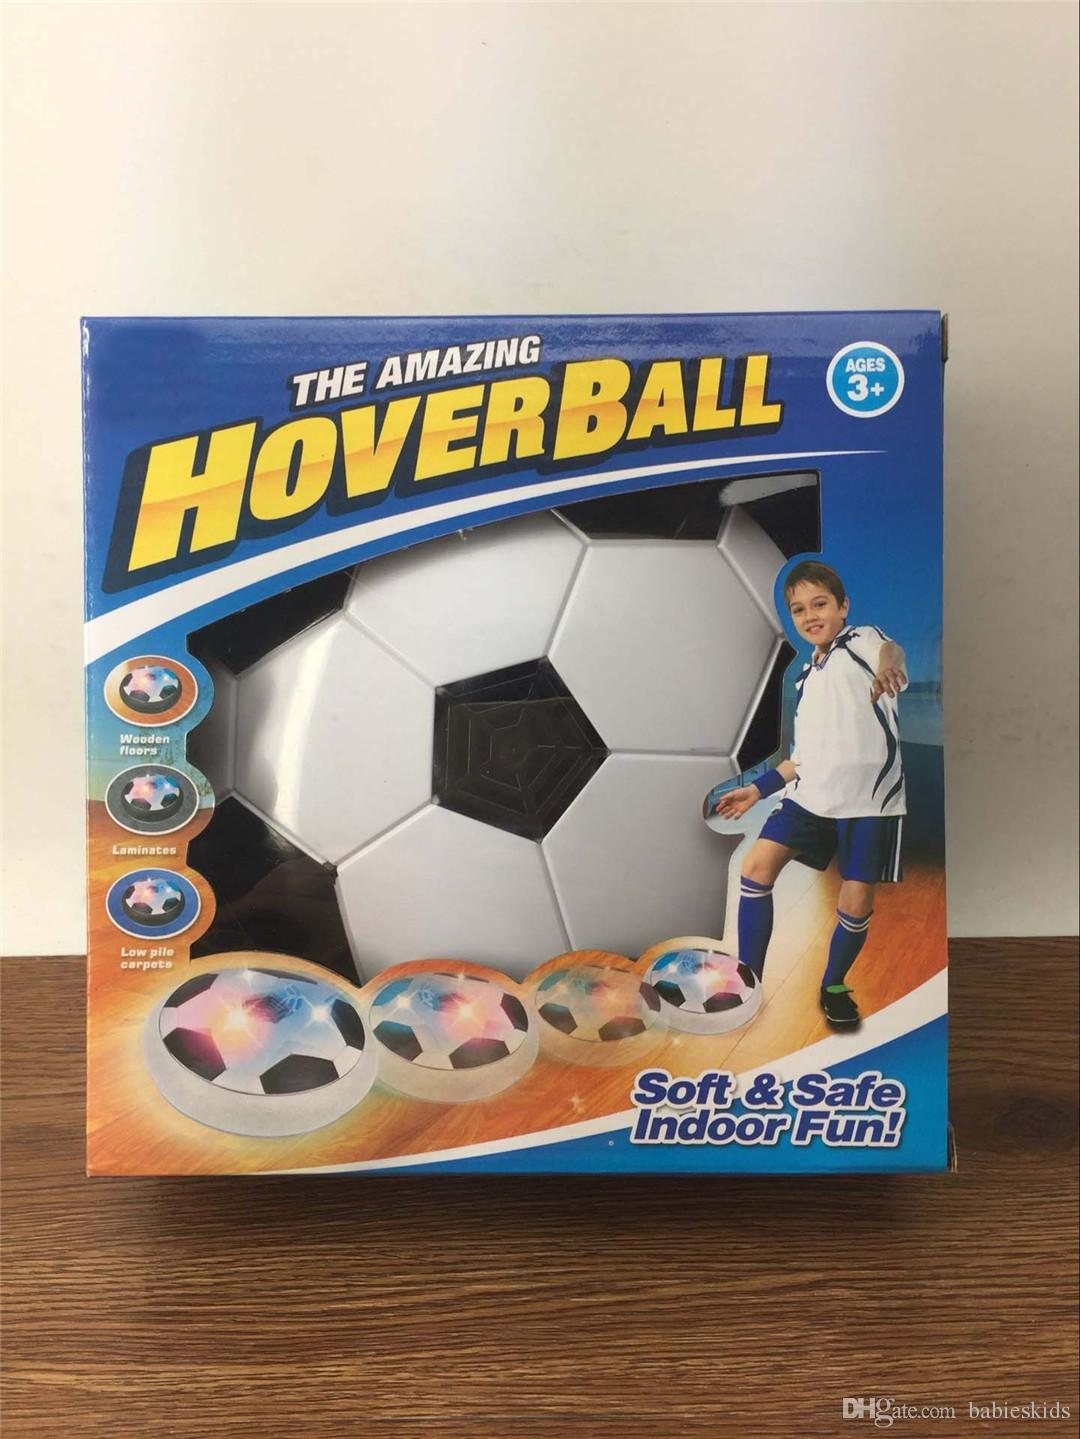 Nueva Creativa 1 Unids Divertido LED Luz Intermitente Llegada de la Fuerza Aérea de Fútbol Balón de Fútbol de Juguete de Fútbol de Interior de Superficie Múltiple que asoma y deslizamiento de Juguete